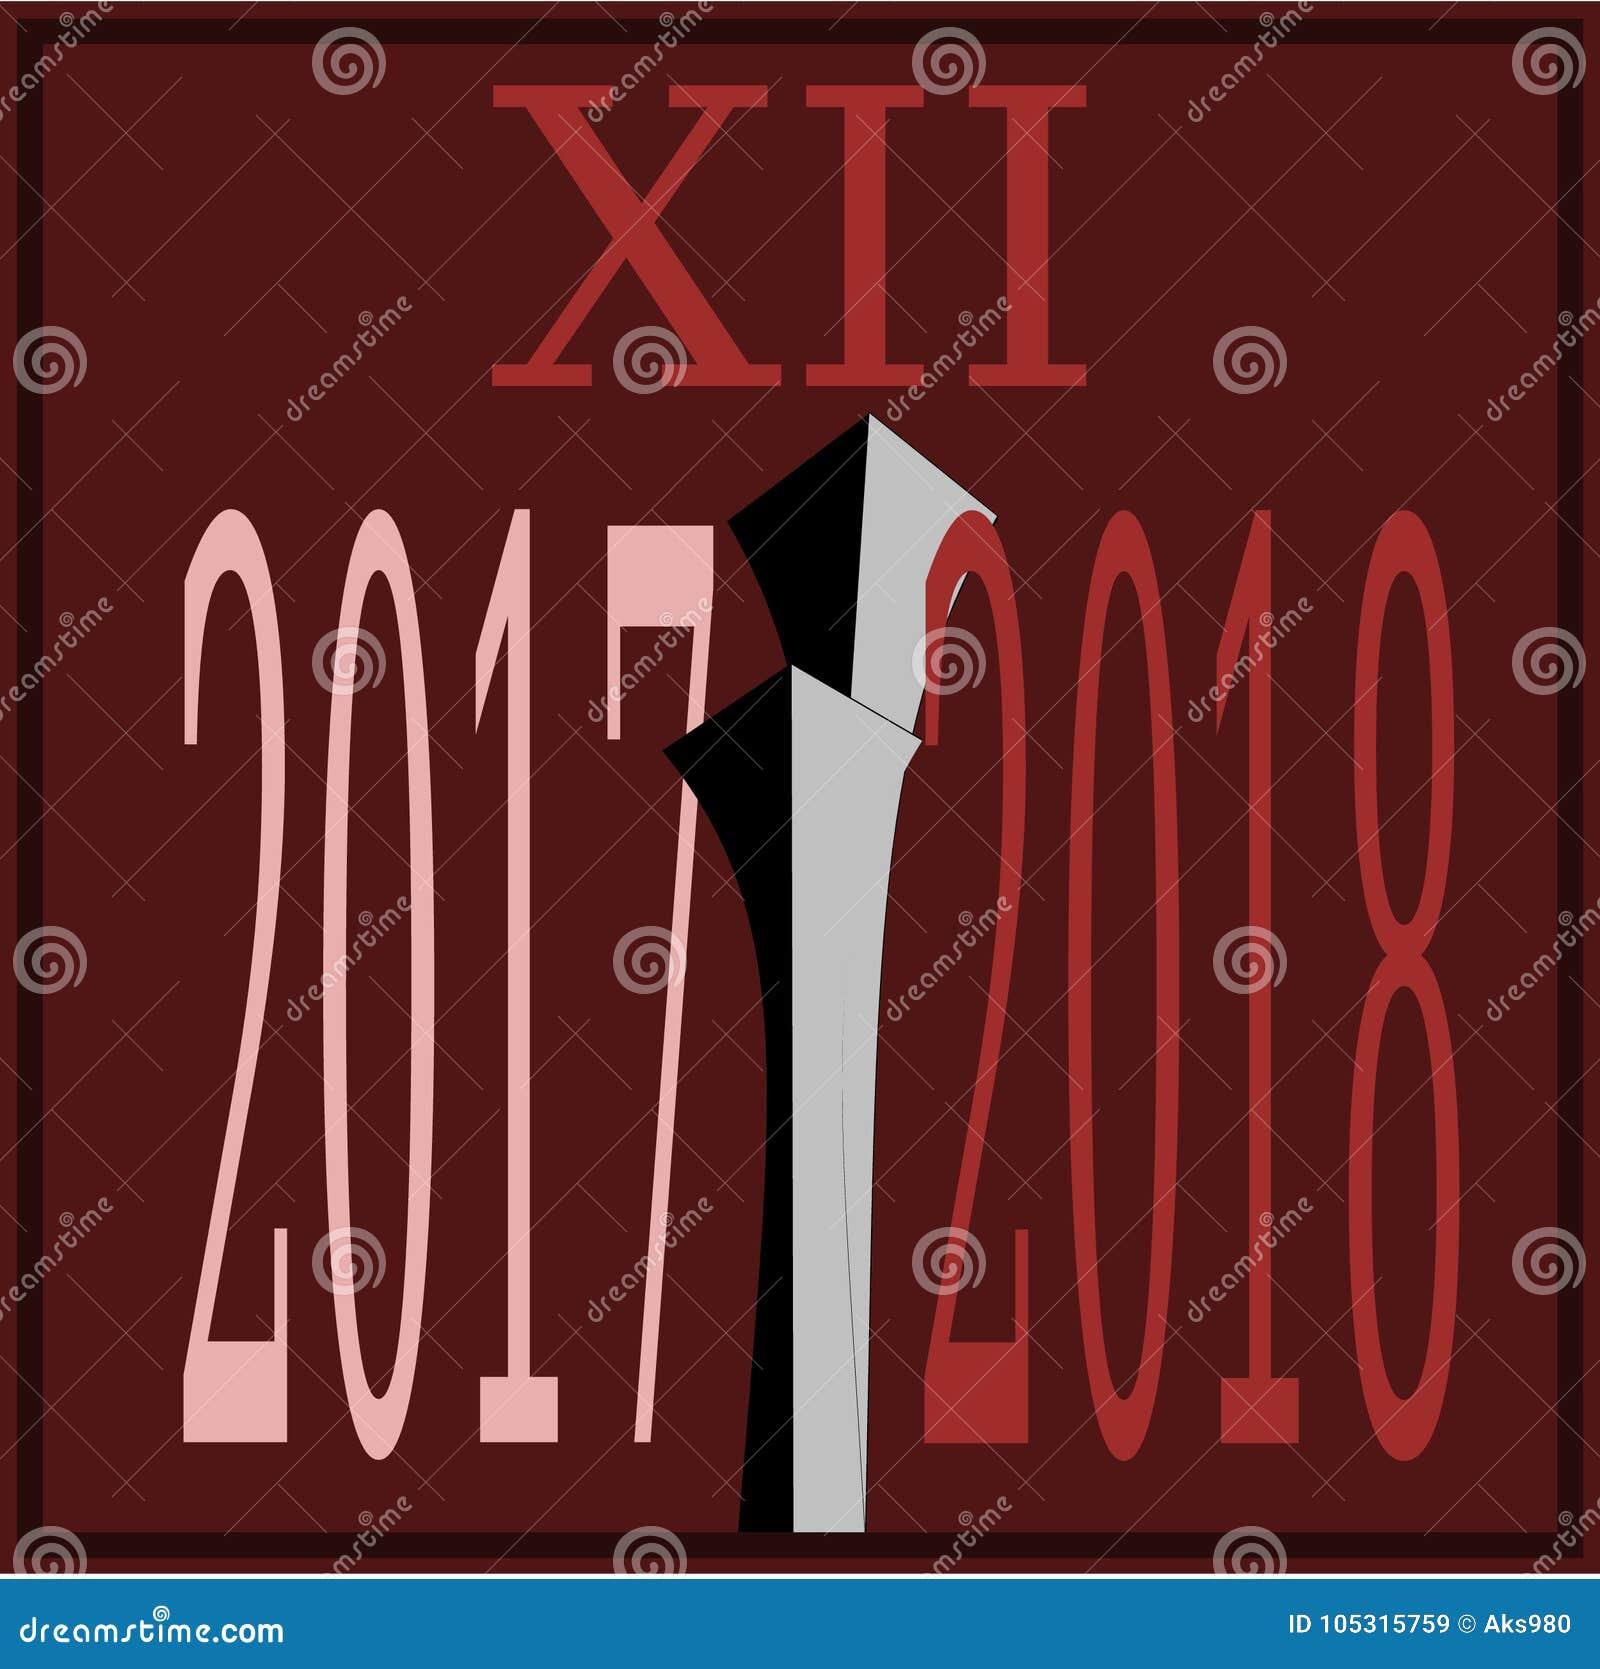 Szczęśliwy nowego roku 2018 omijanie 2017 zegarowych ręk pokrywa się 2017 Wektorowych ilustracyjnych żywych zmrok - czerwony tło